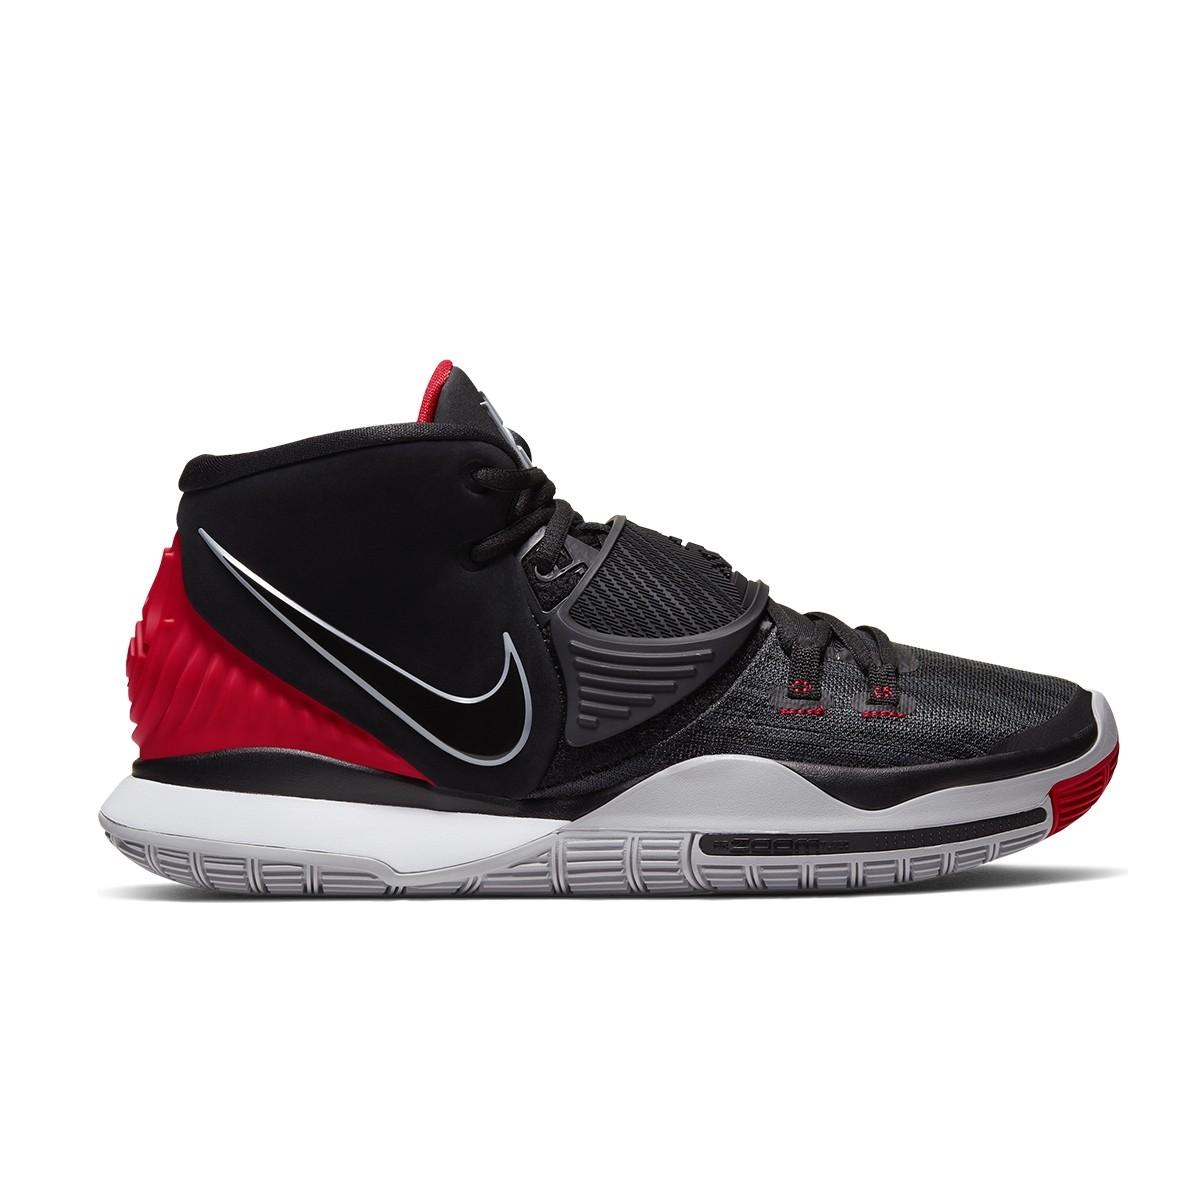 Nike Kyrie 6 'Bred'